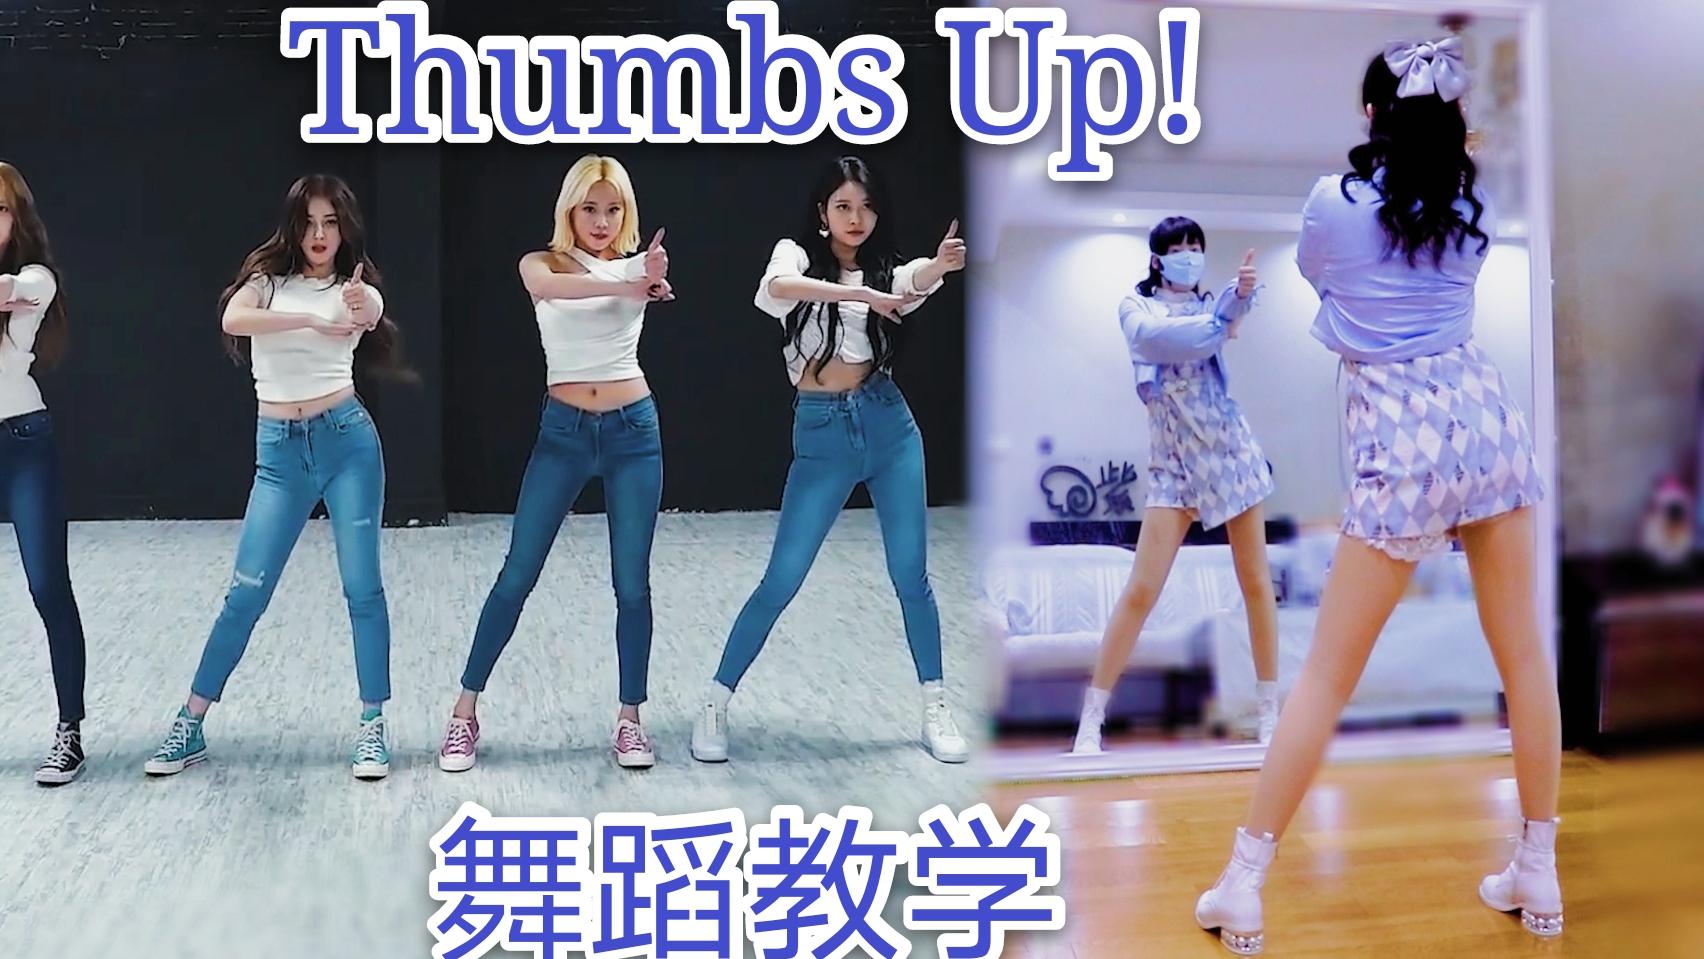 【紫嘉儿】性感风韩舞入门:Thumbs up!舞蹈分解教程✿镜面教学版